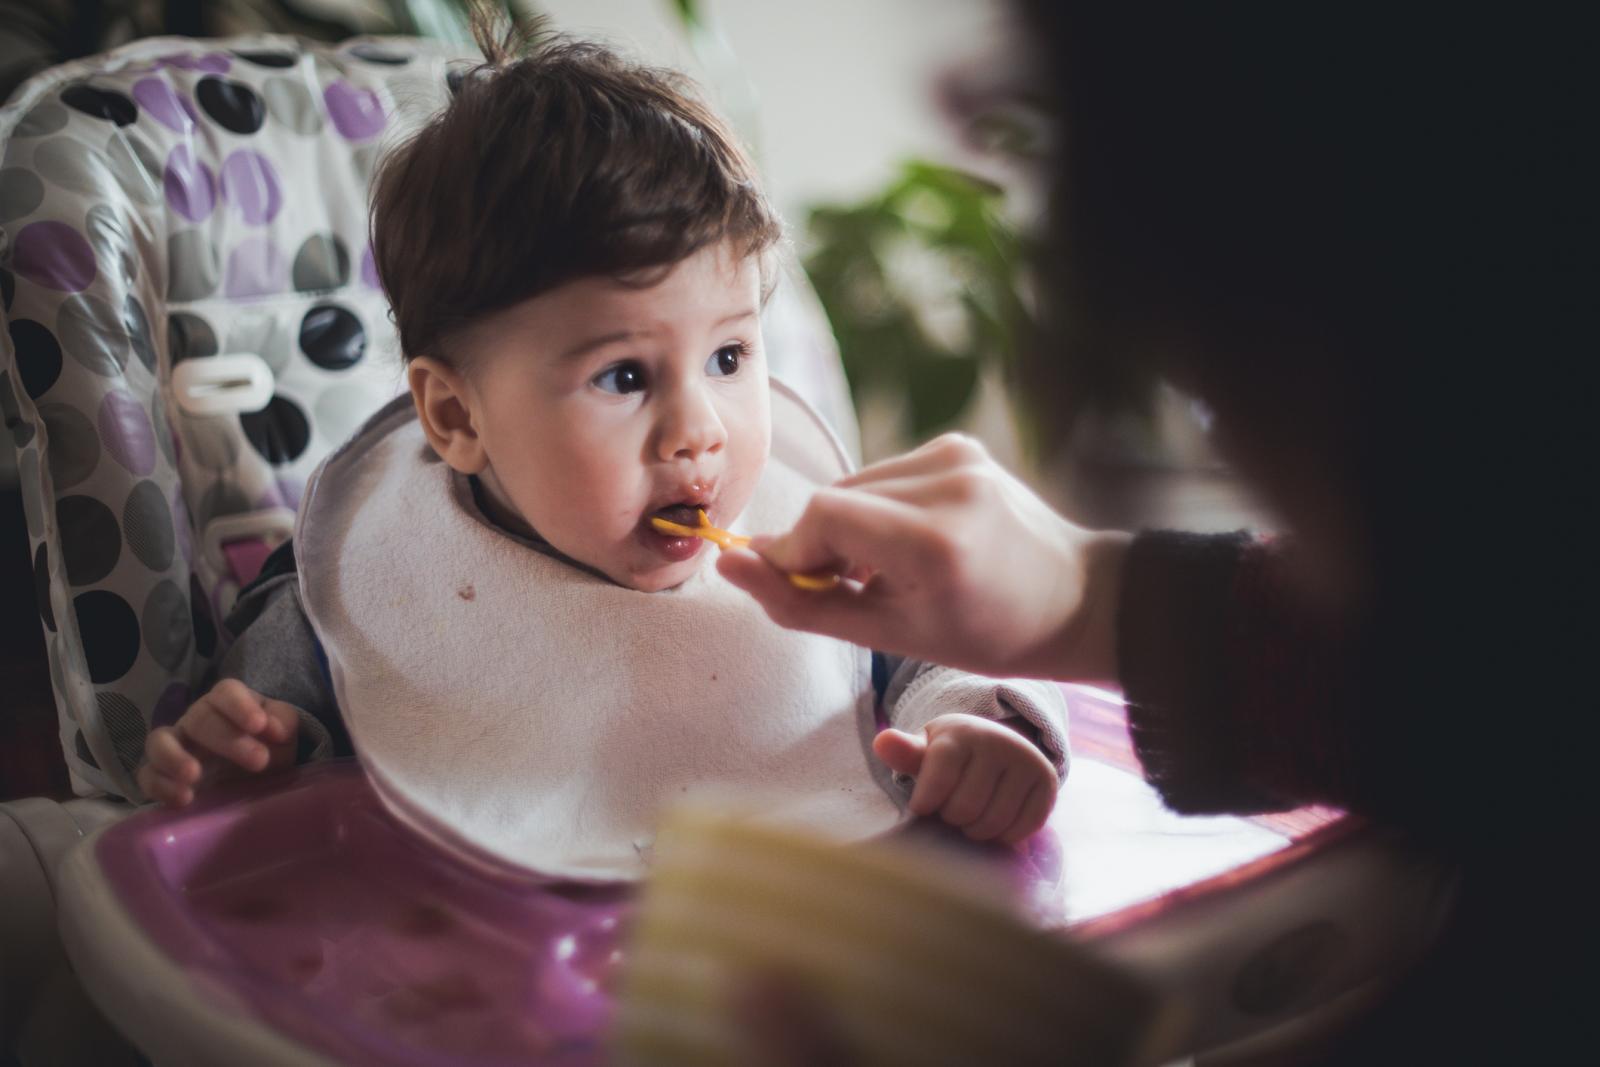 Dohrana se započinje u okvirnom razdoblju izme-đu 17. i 26. tjedna života ovisno o djetetu i njegovu razvojnom tempu.